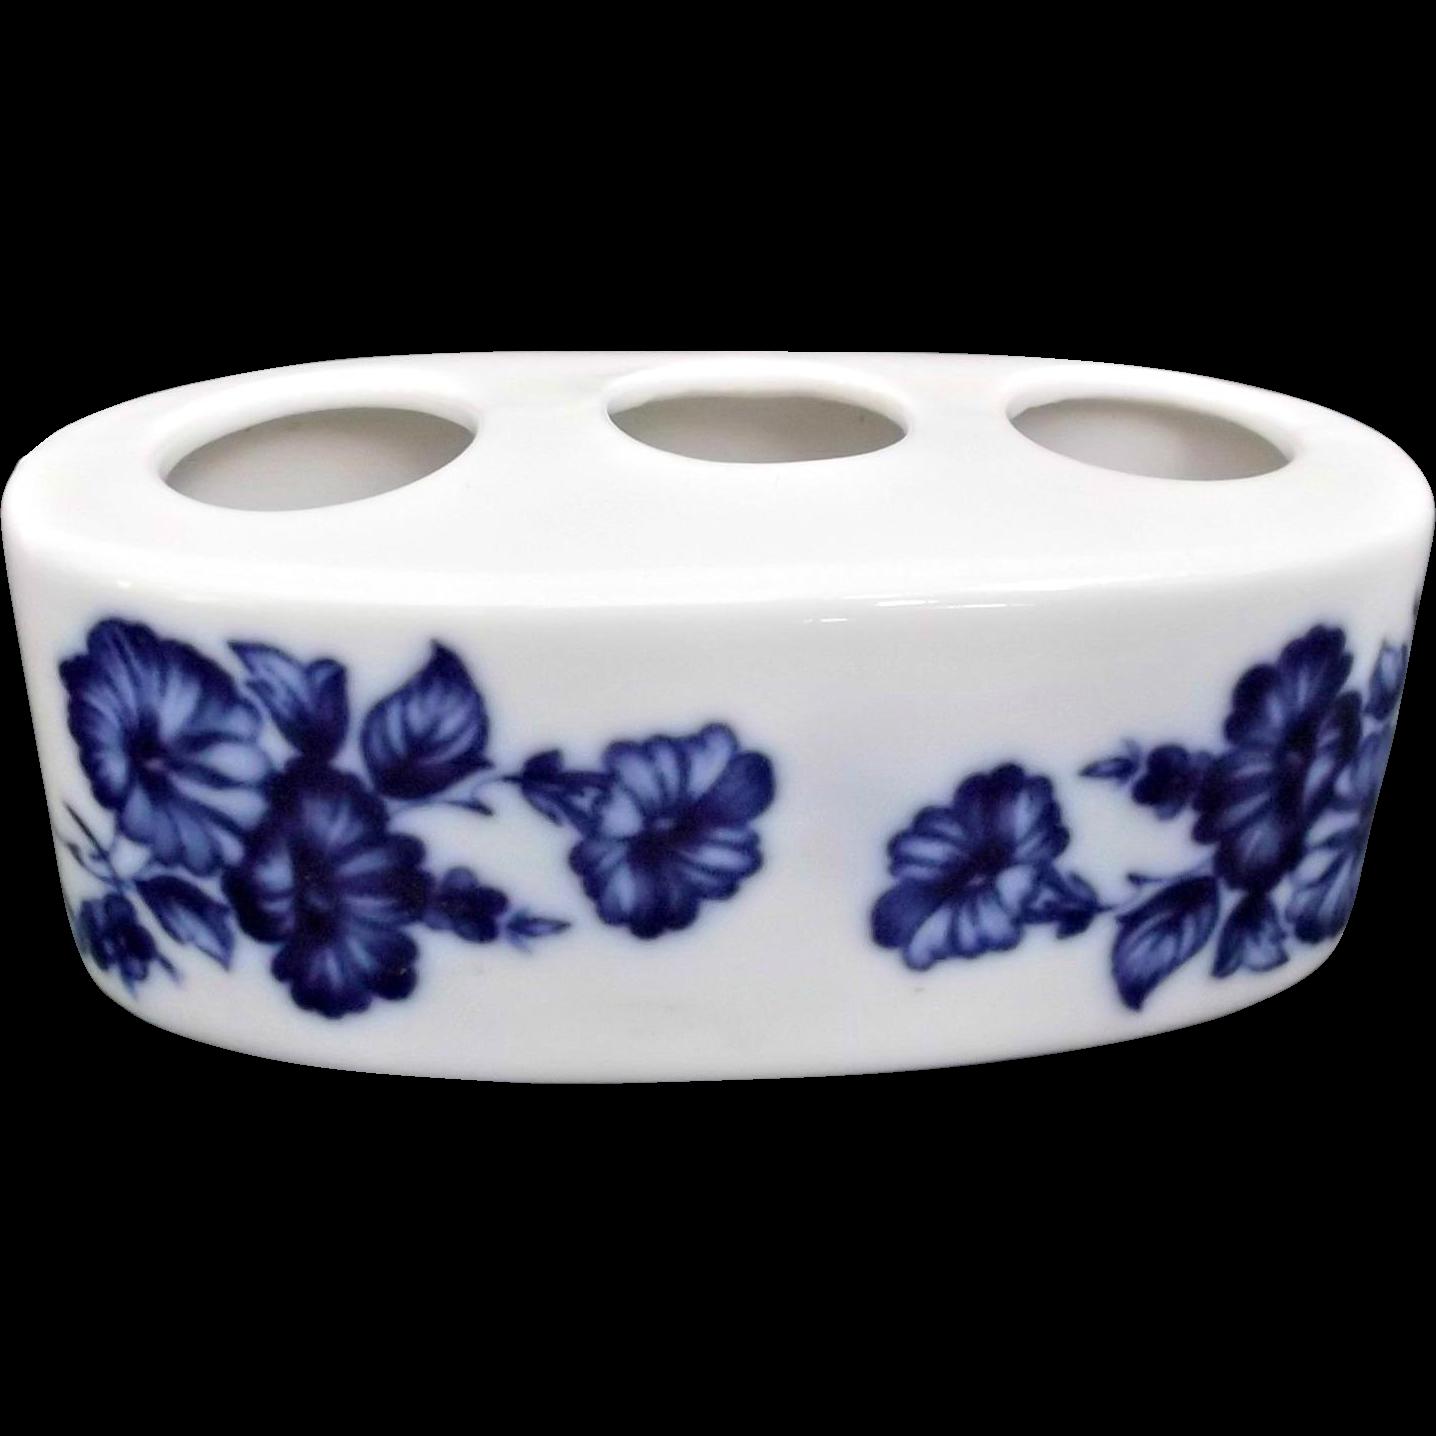 Flow Blue Porcelain Vintage Lipstick Holder Flowers Morning Glories